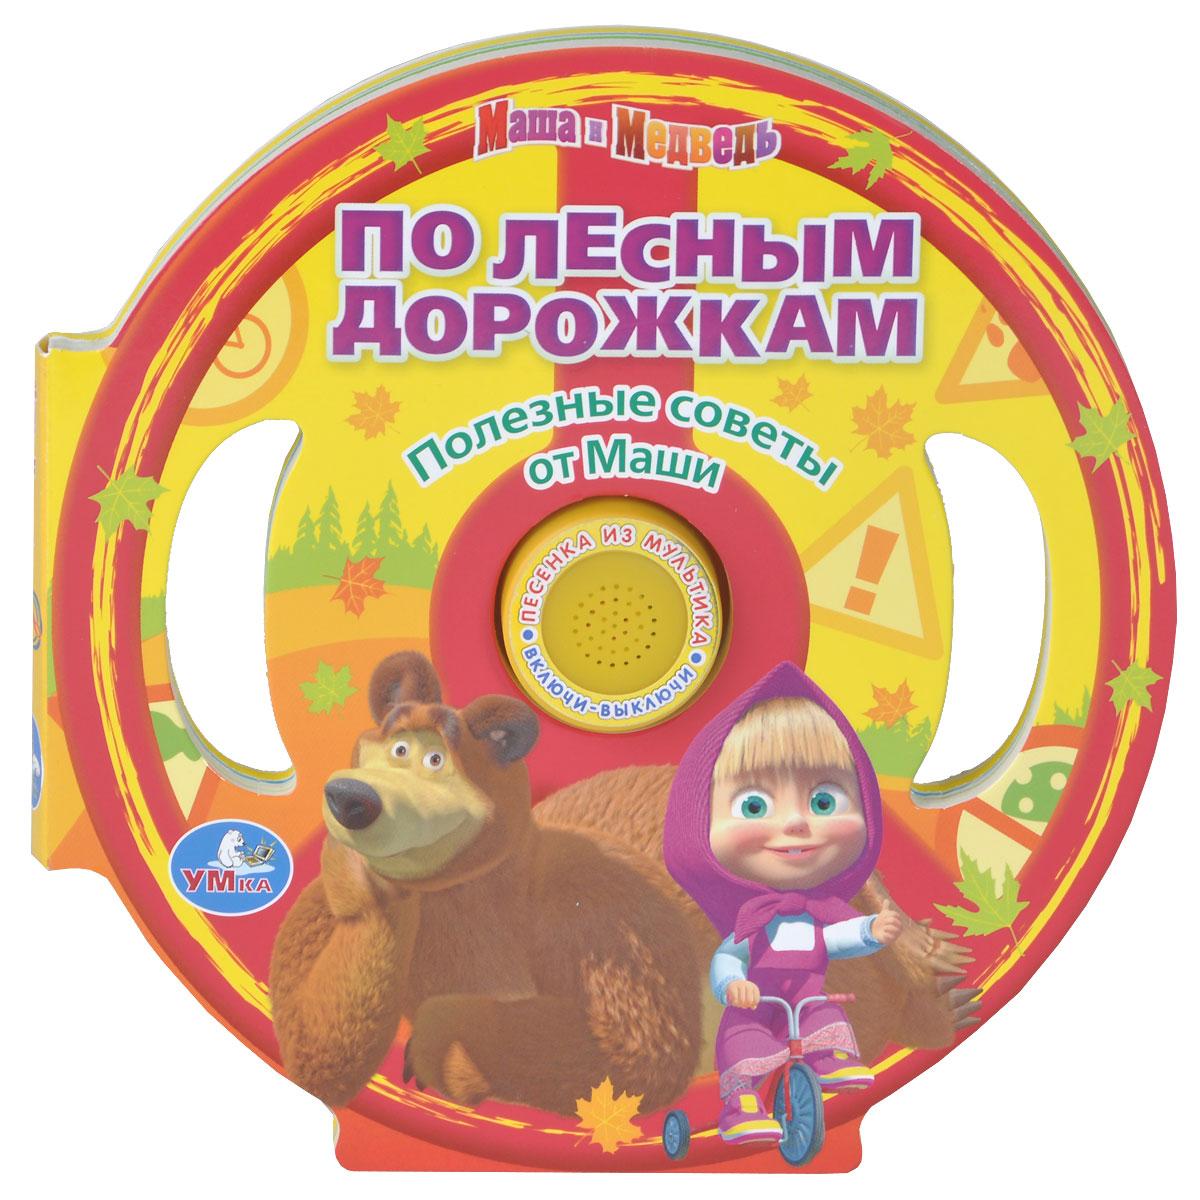 Маша и Медведь. По лесным дорожкам. Полезные советы от Маши. Книжка-игрушка